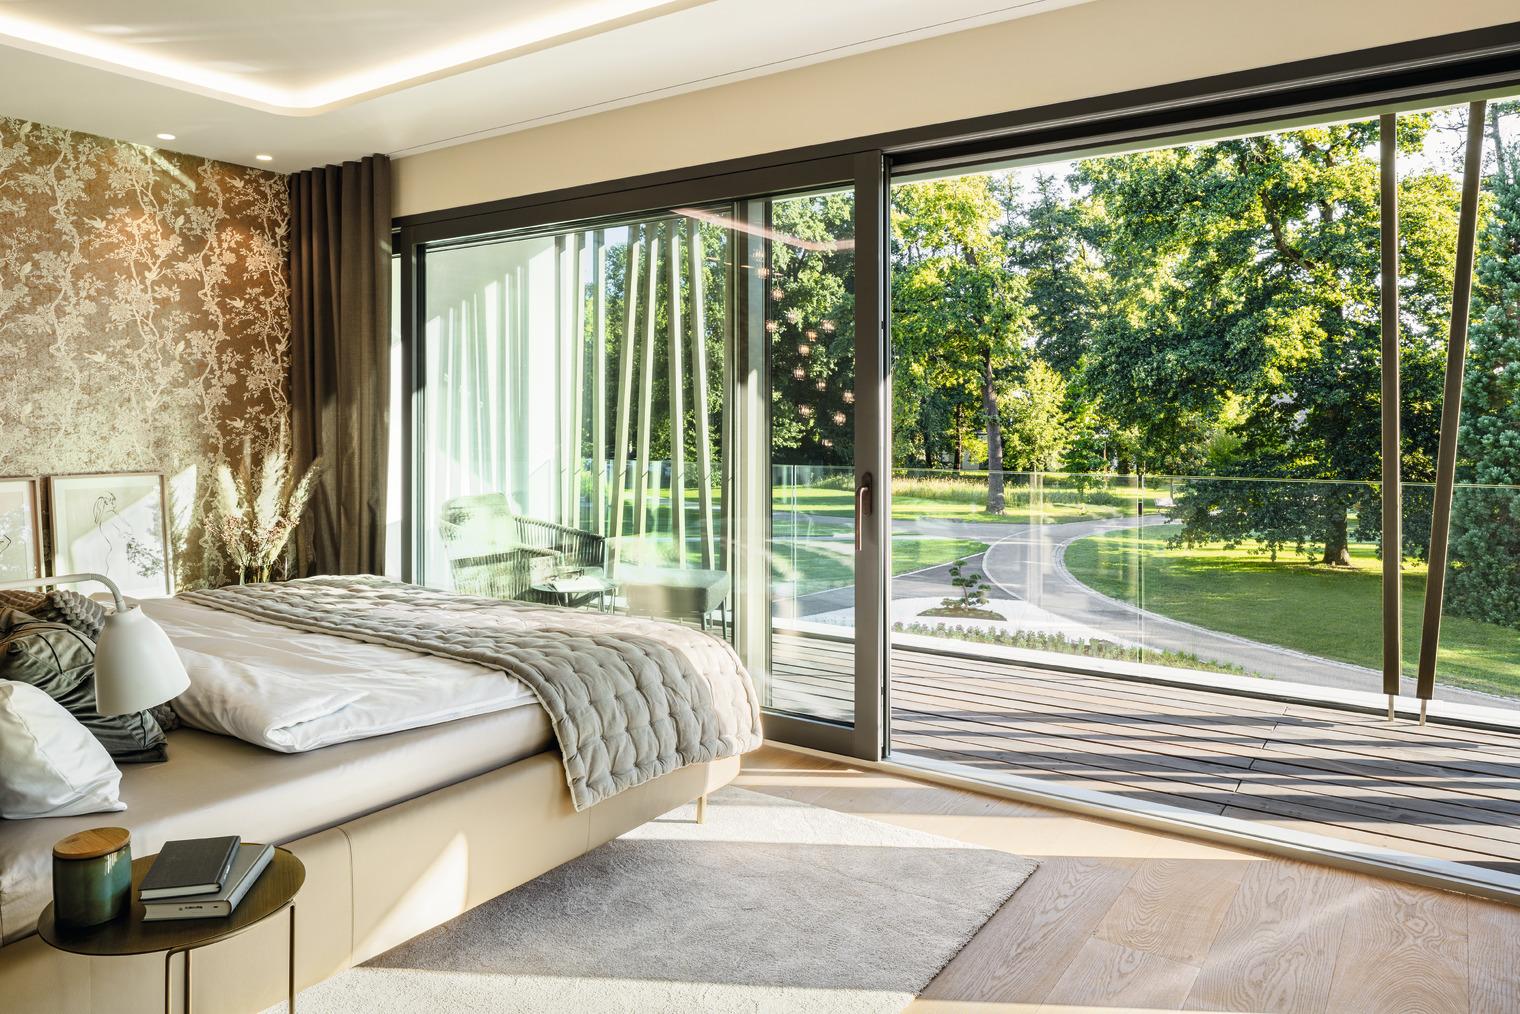 Schlafzimmer mit puristischem Ganzglasbalkon